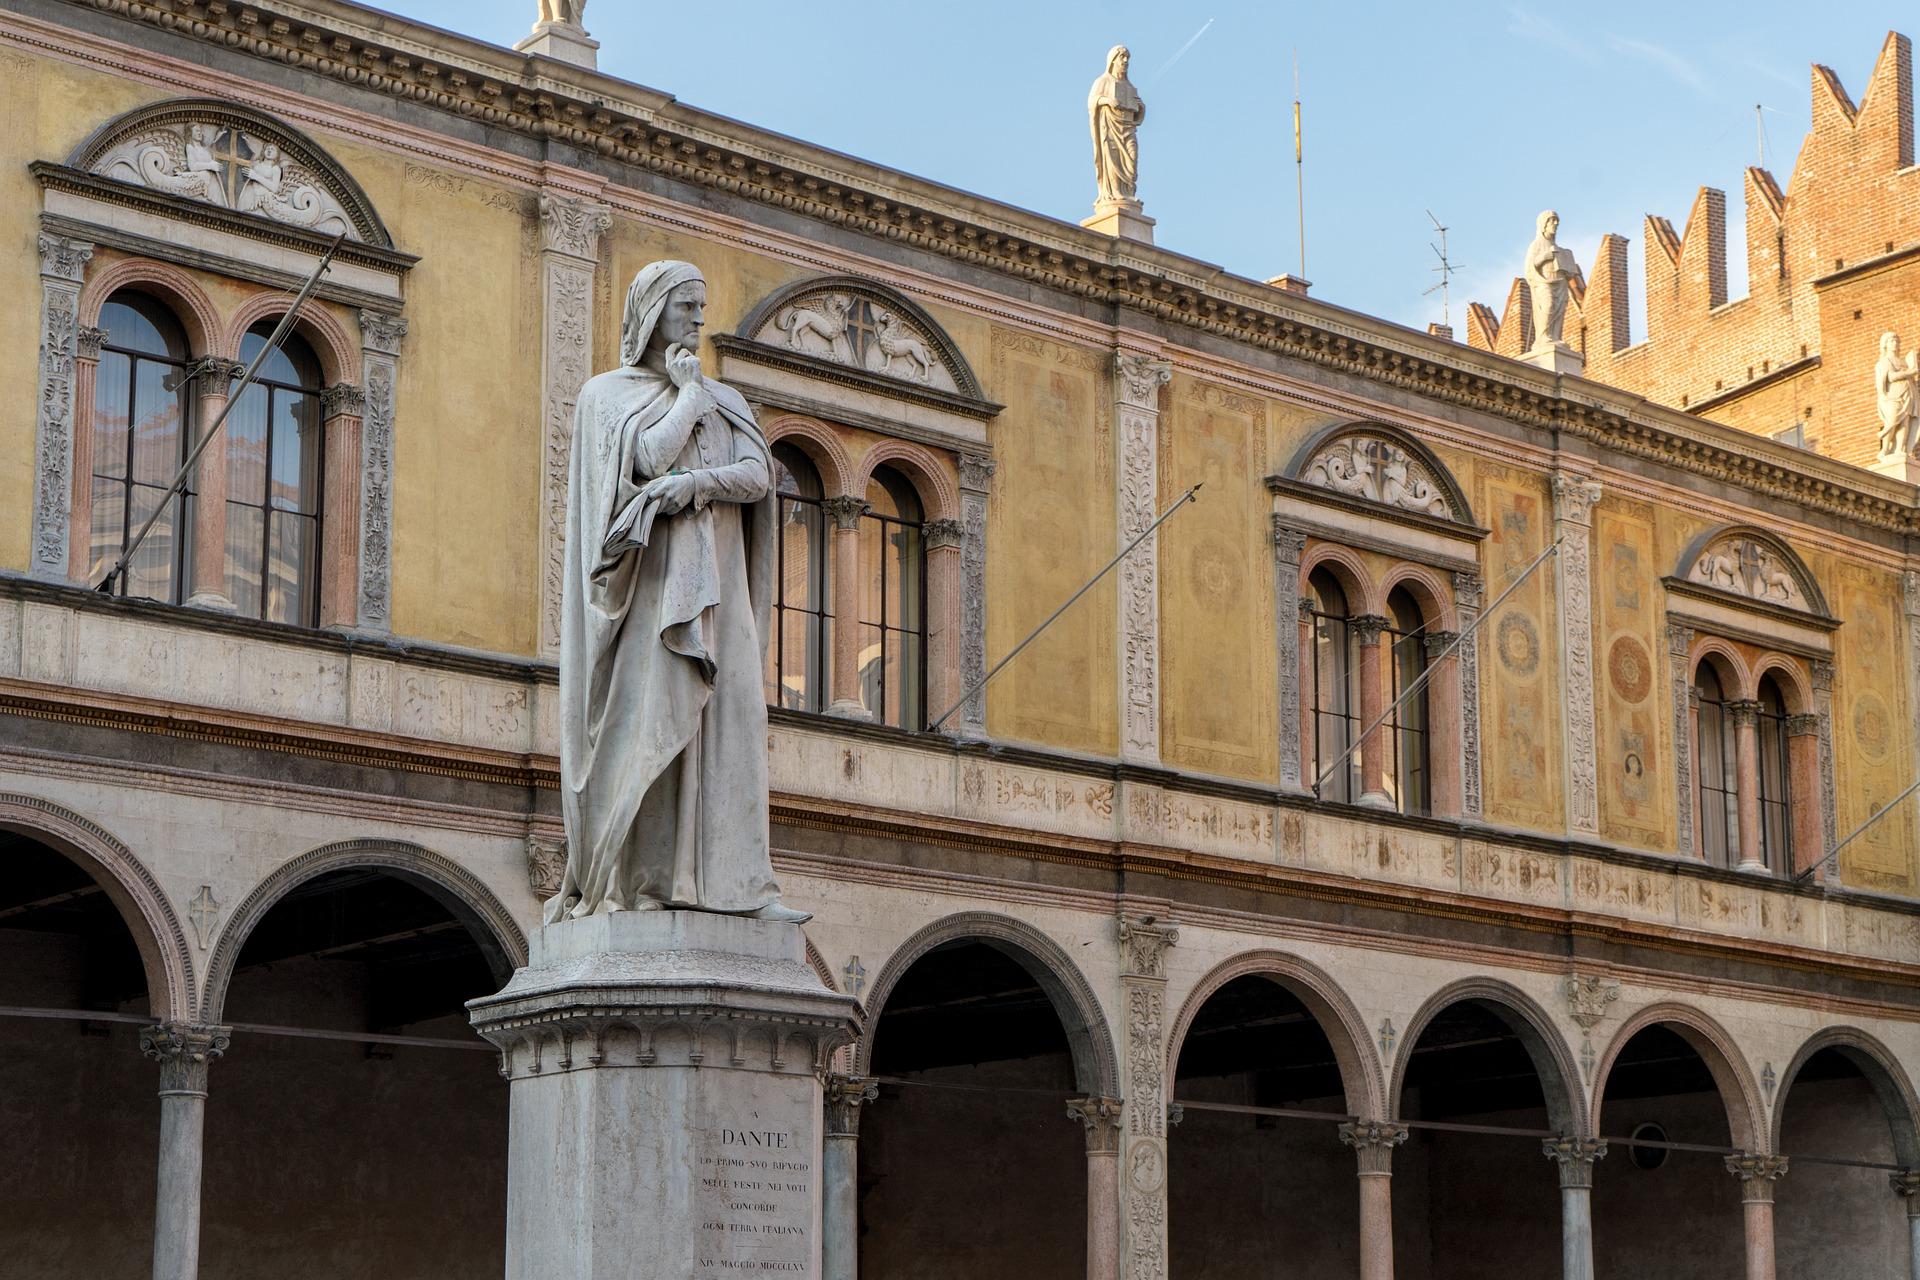 Anniversario Dante Verona